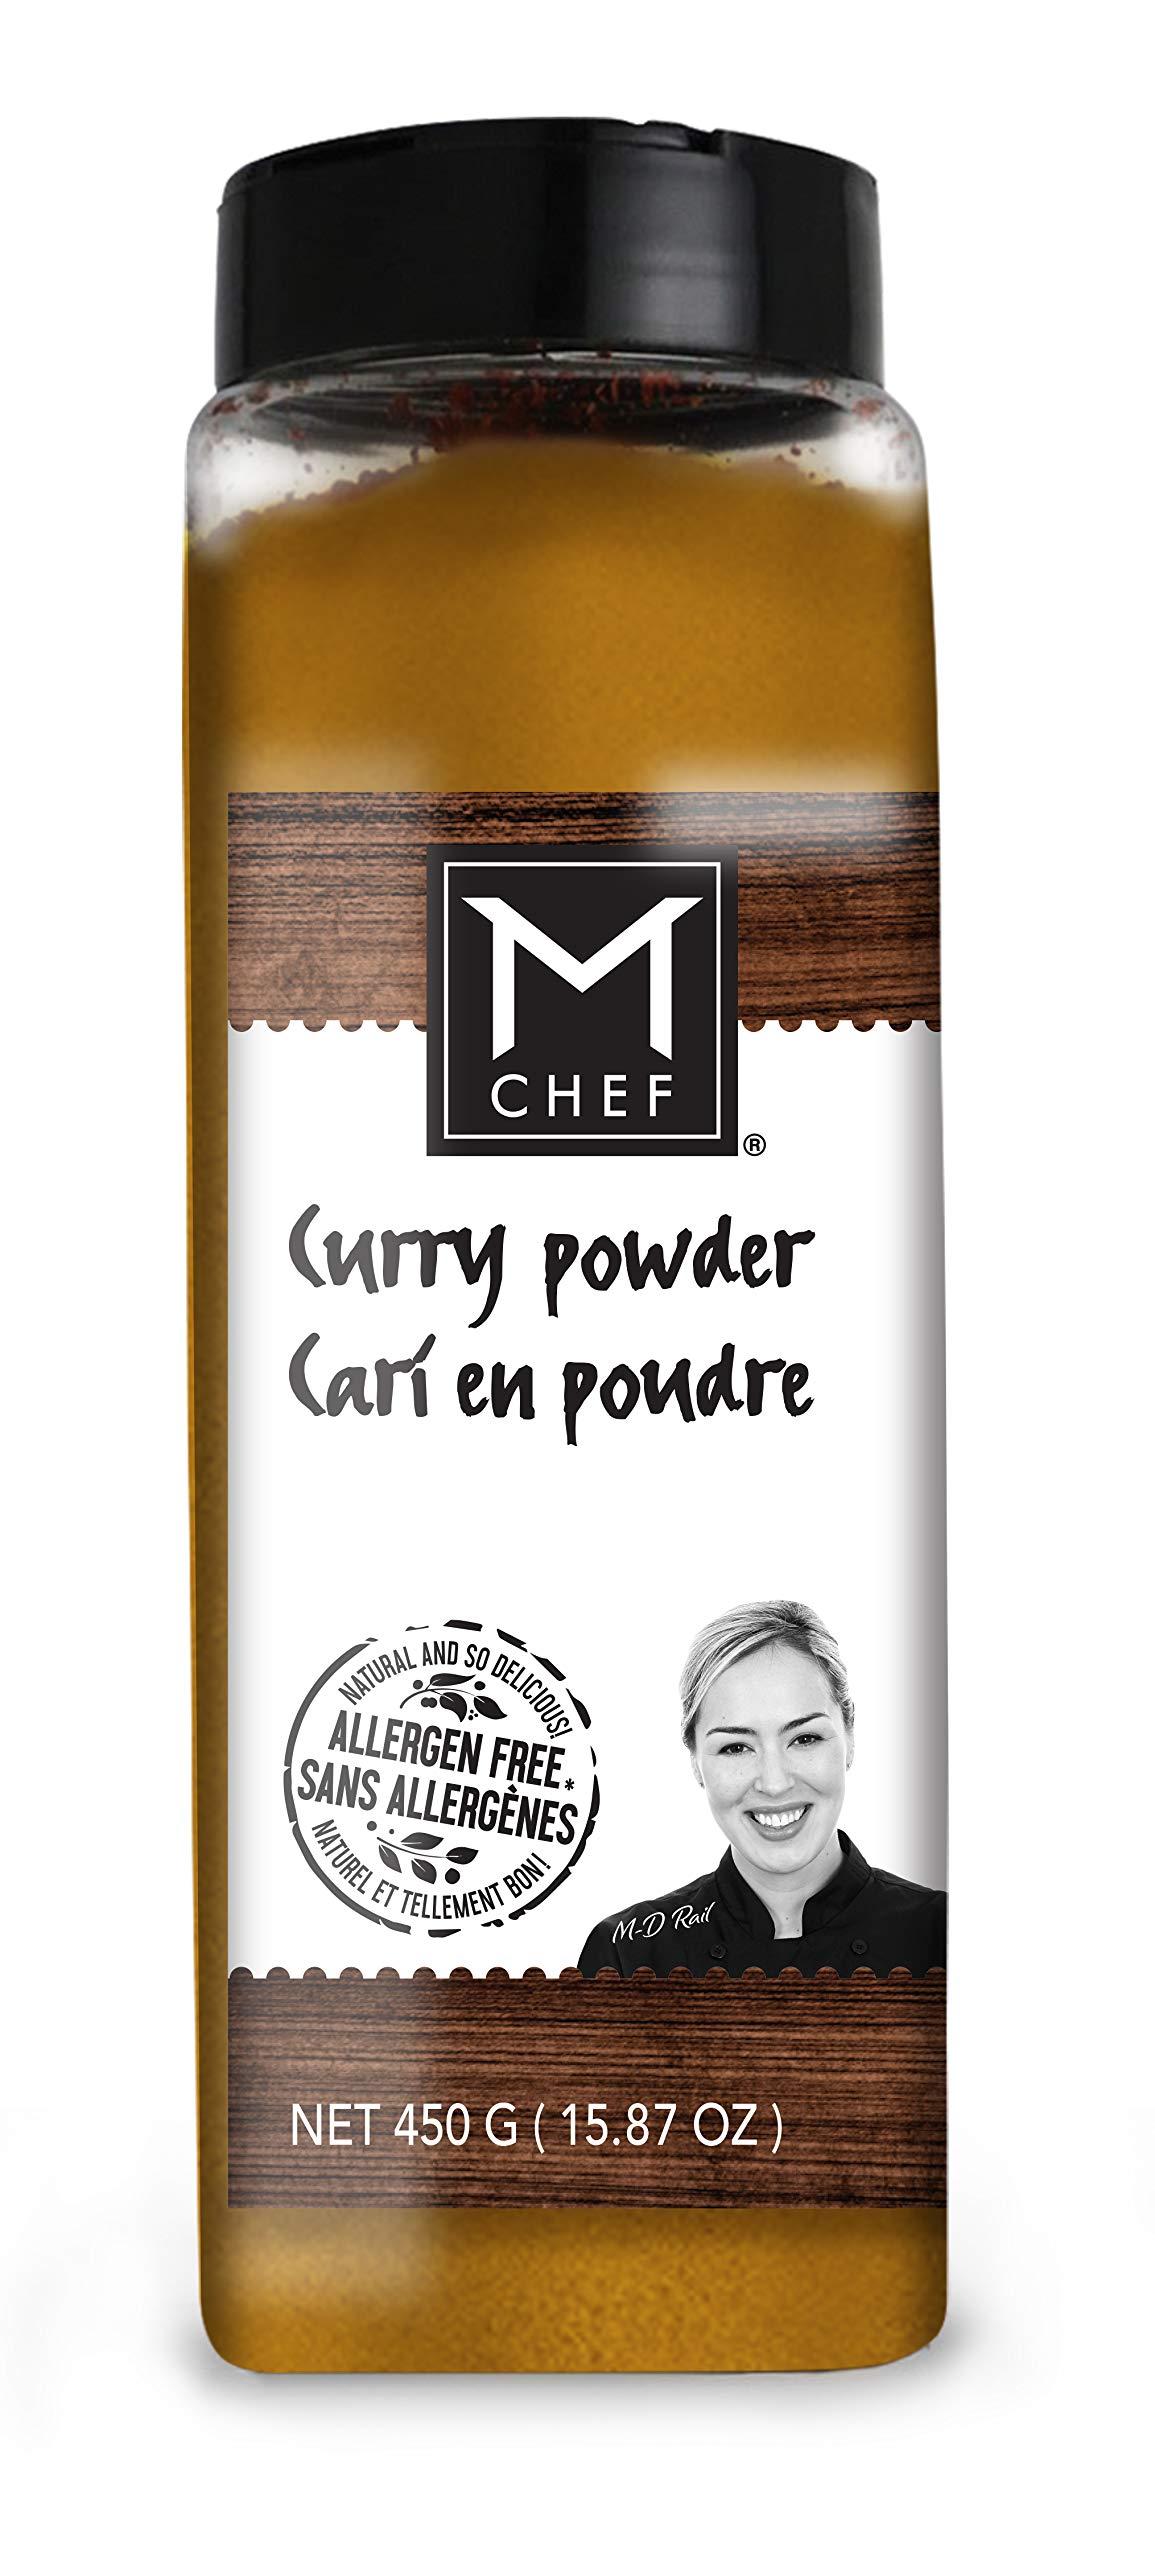 MCHEF Curry Powder, Natural Spicy Blend, Organic, Kosher, Non GMO, Vegan, Gluten Free Ingredients (15.87 oz)